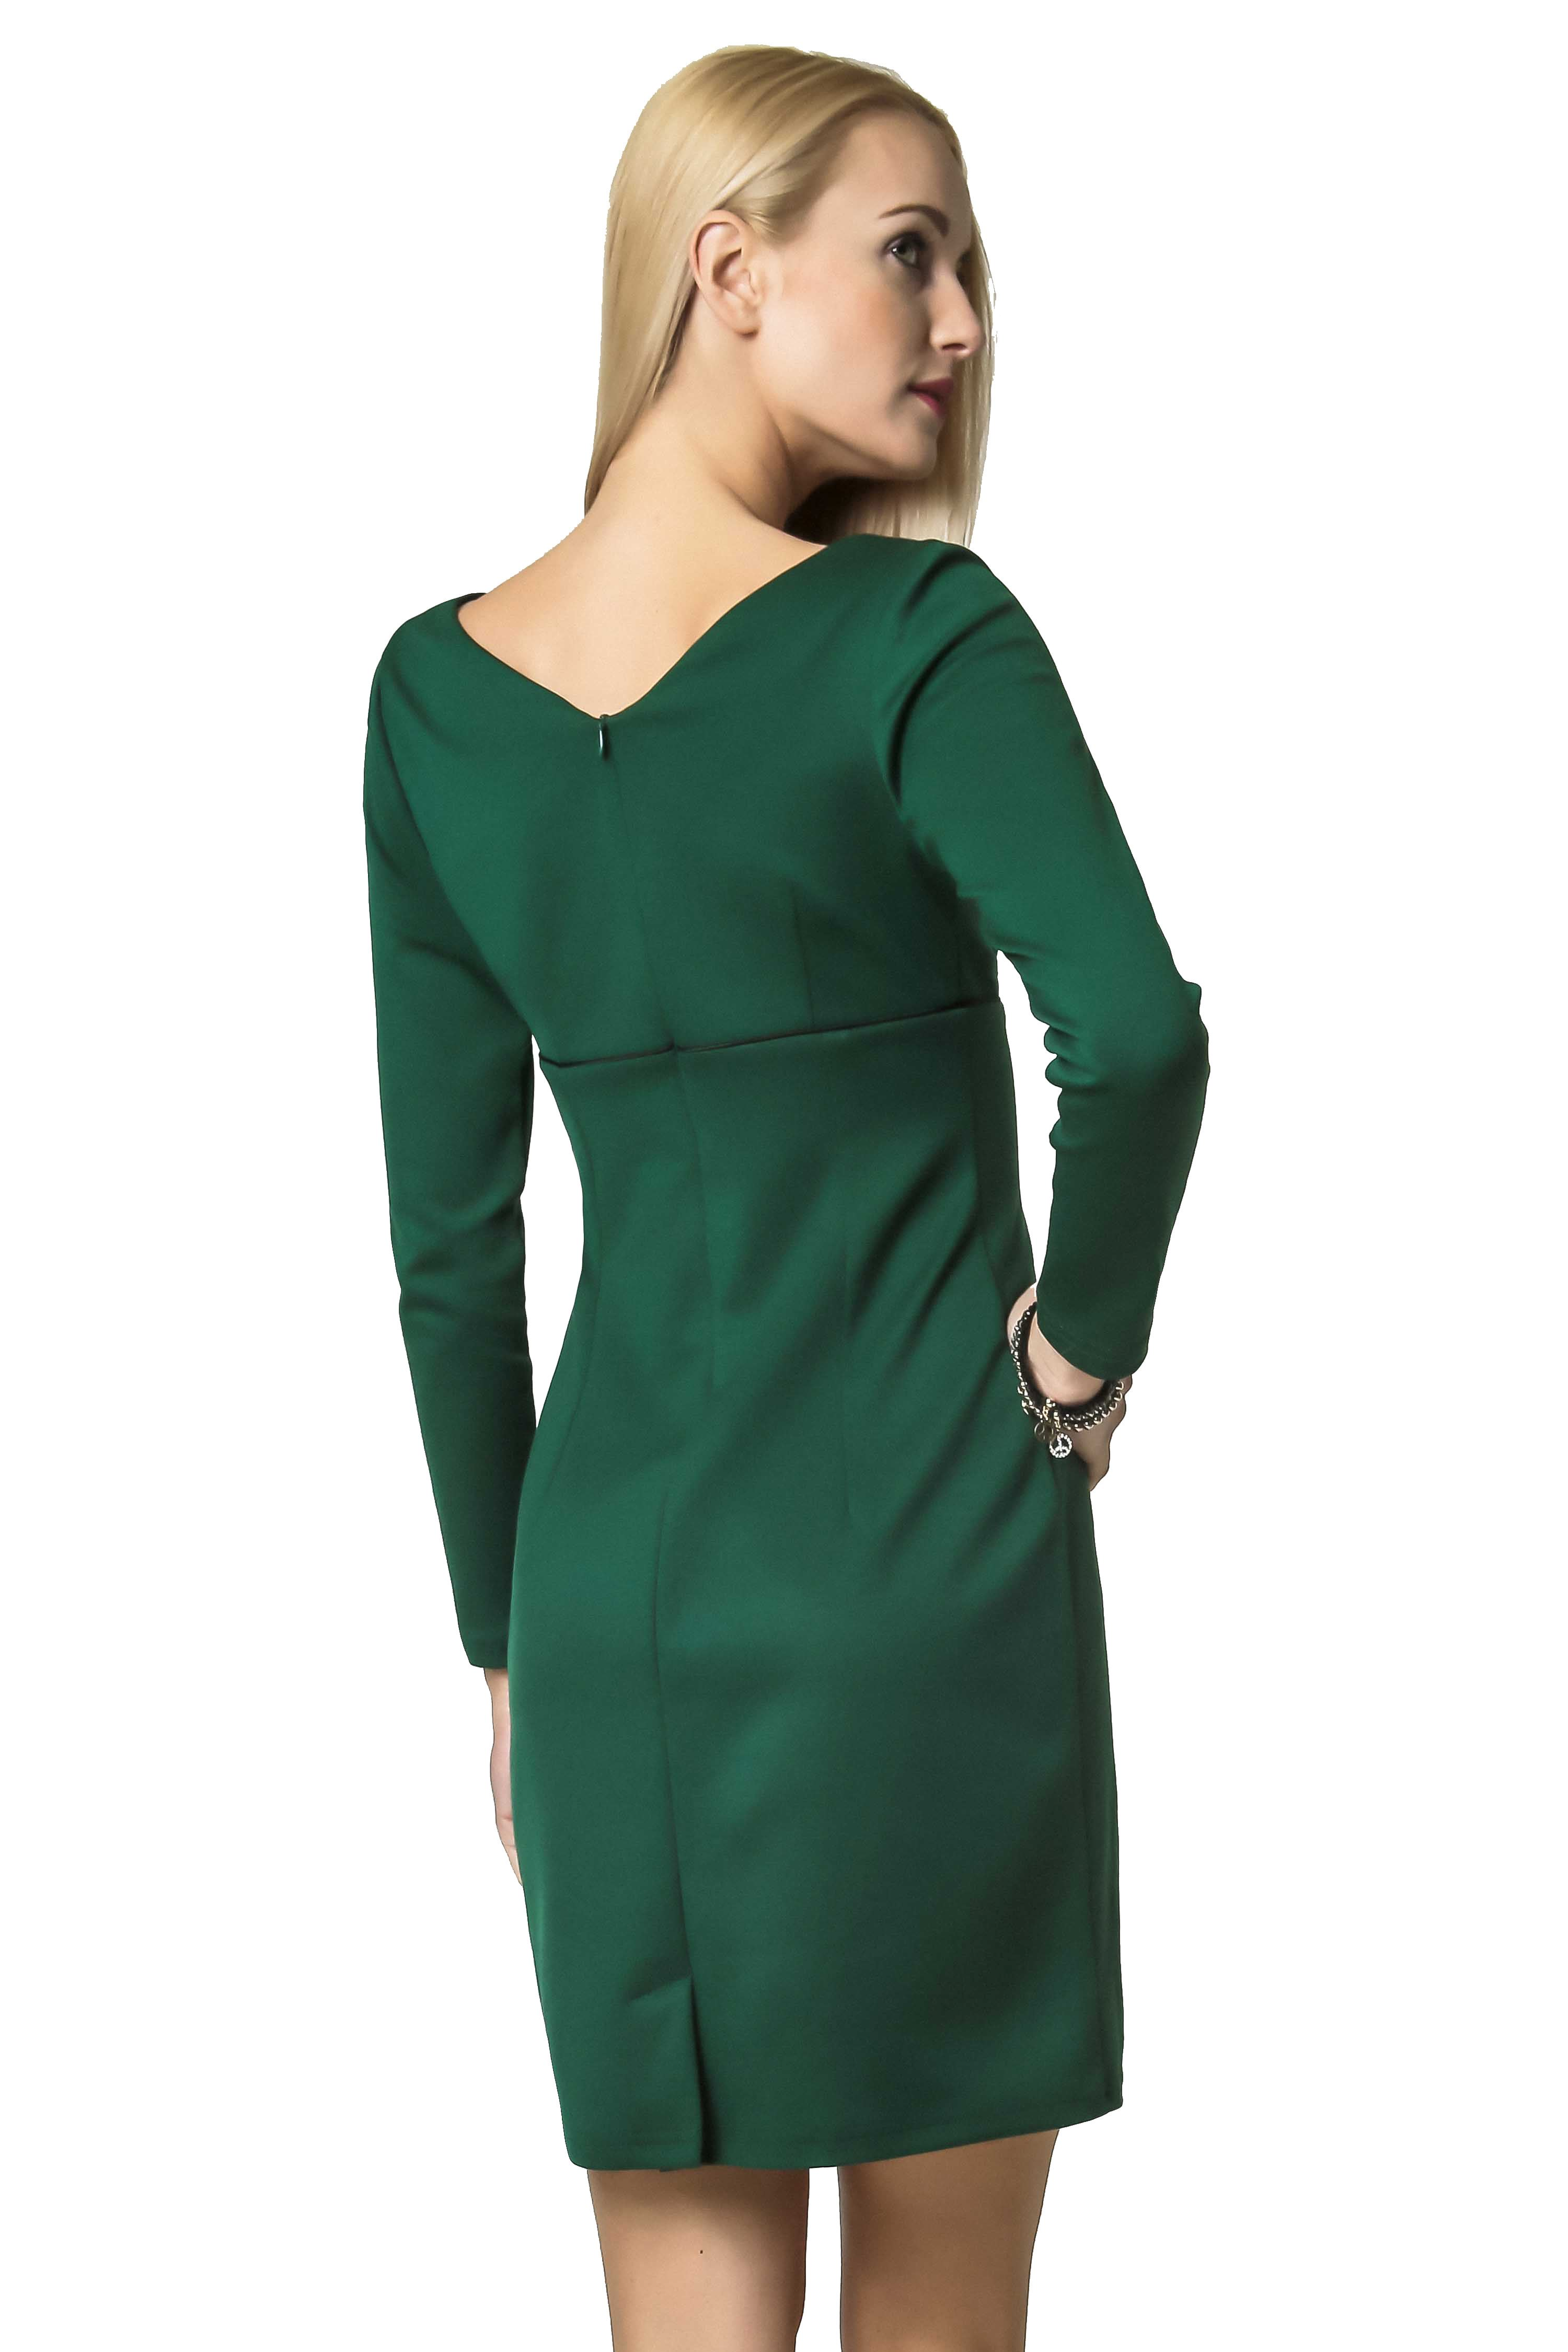 Marie Knitwear dress in green